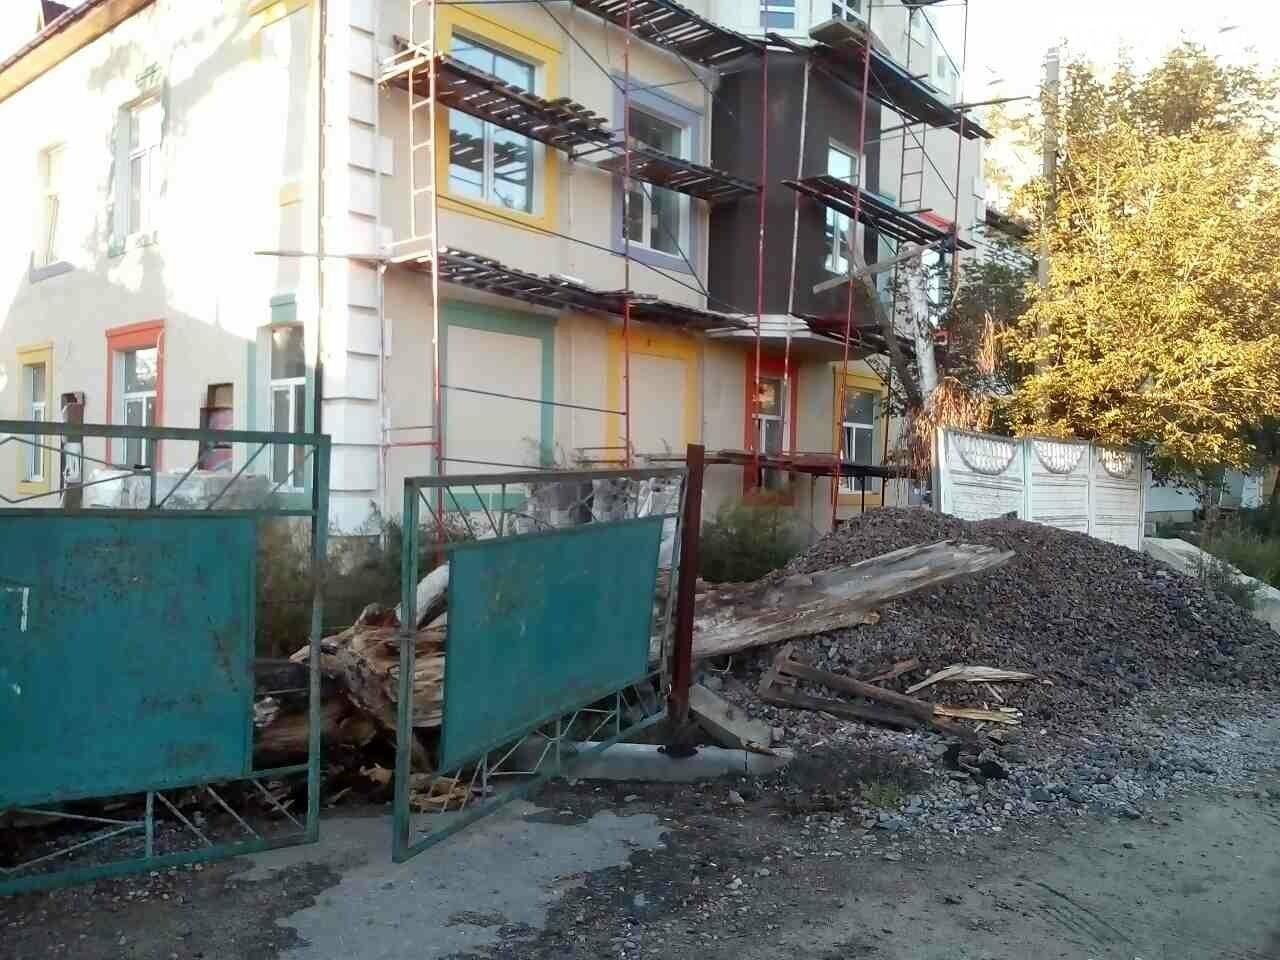 Ірпінь буде звертатися до Горгана і Старикової щодо завершення будівництва дитсадка на Курортній, фото-6